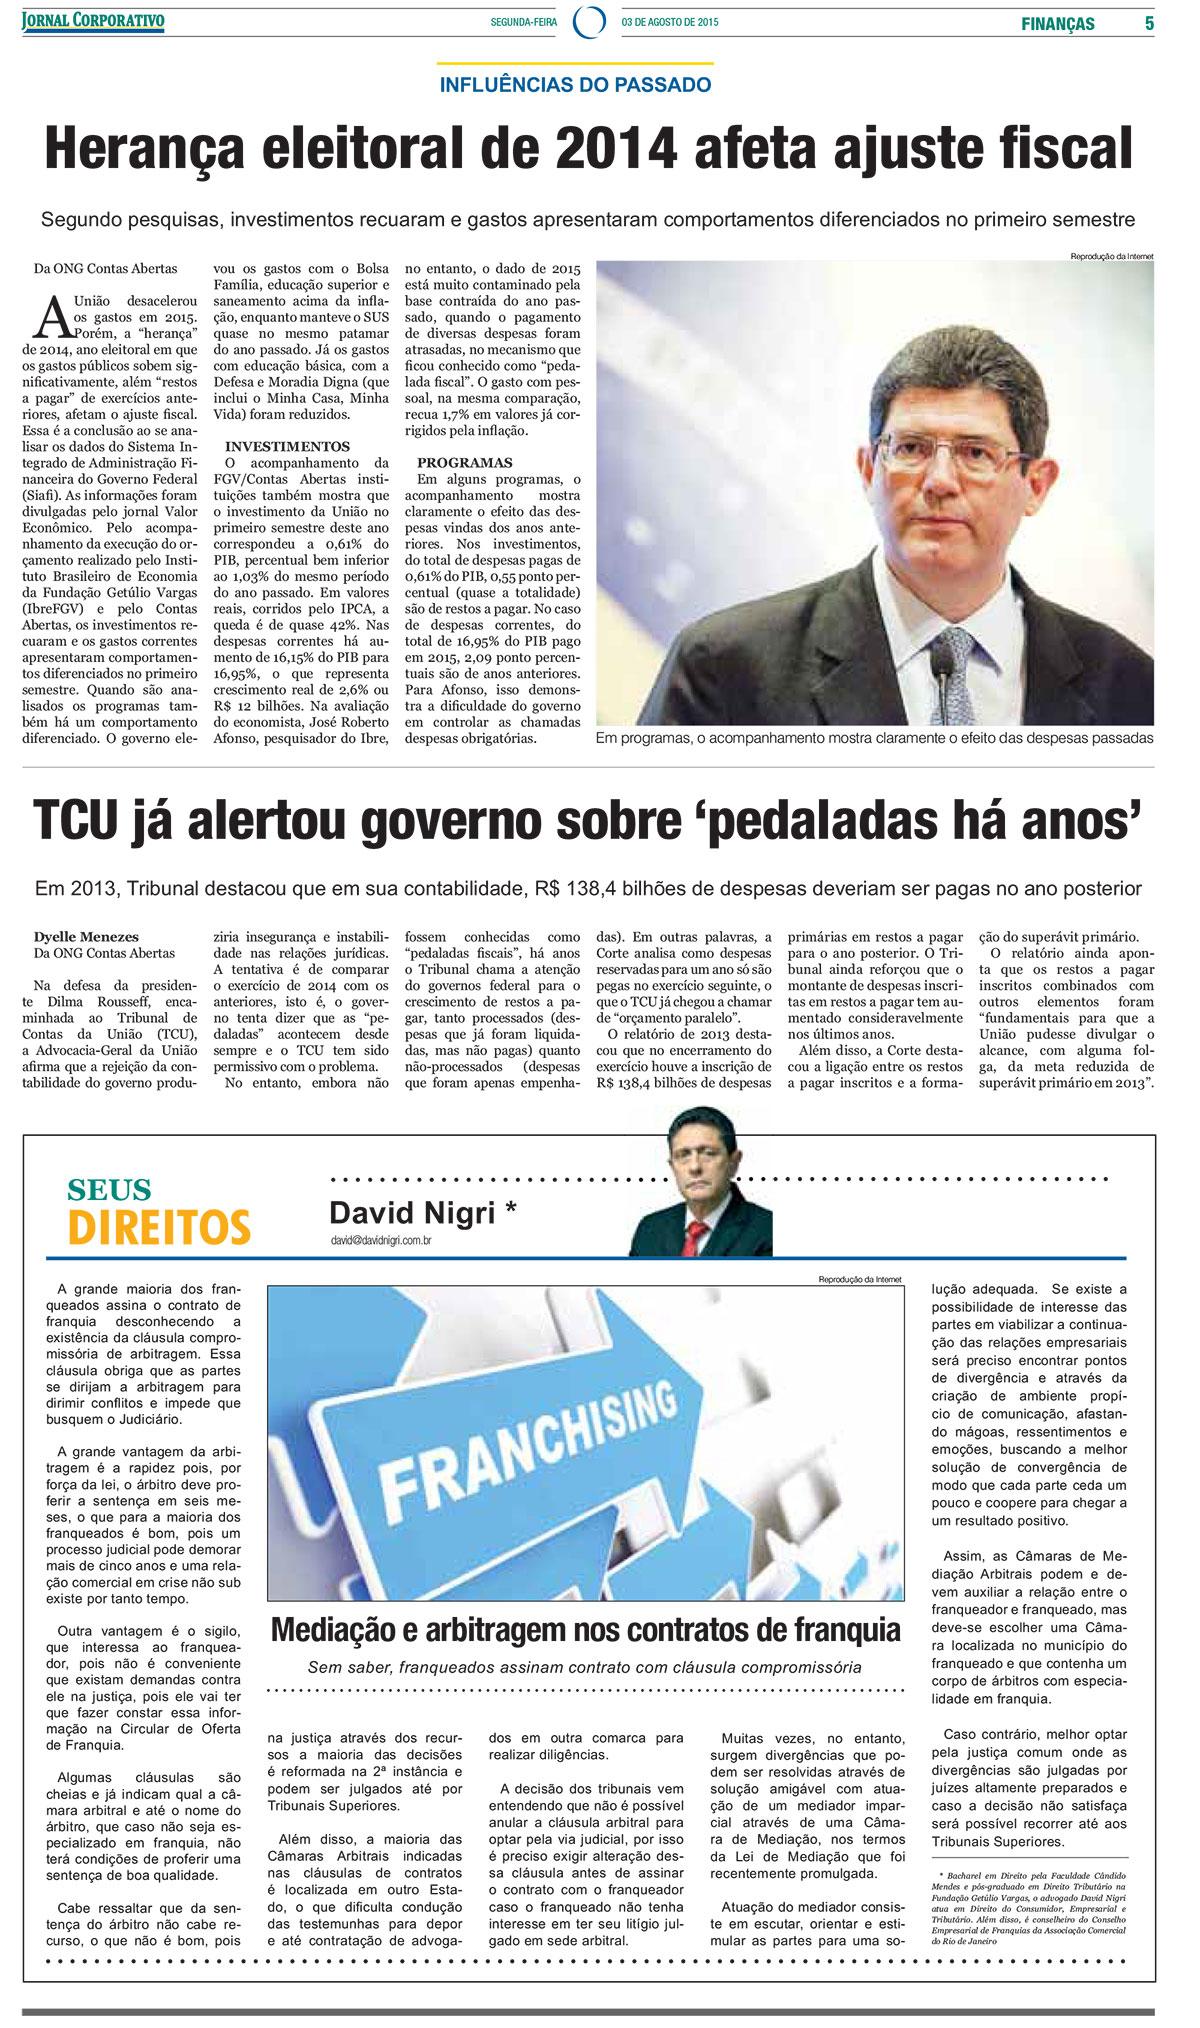 Corporativo_mediação